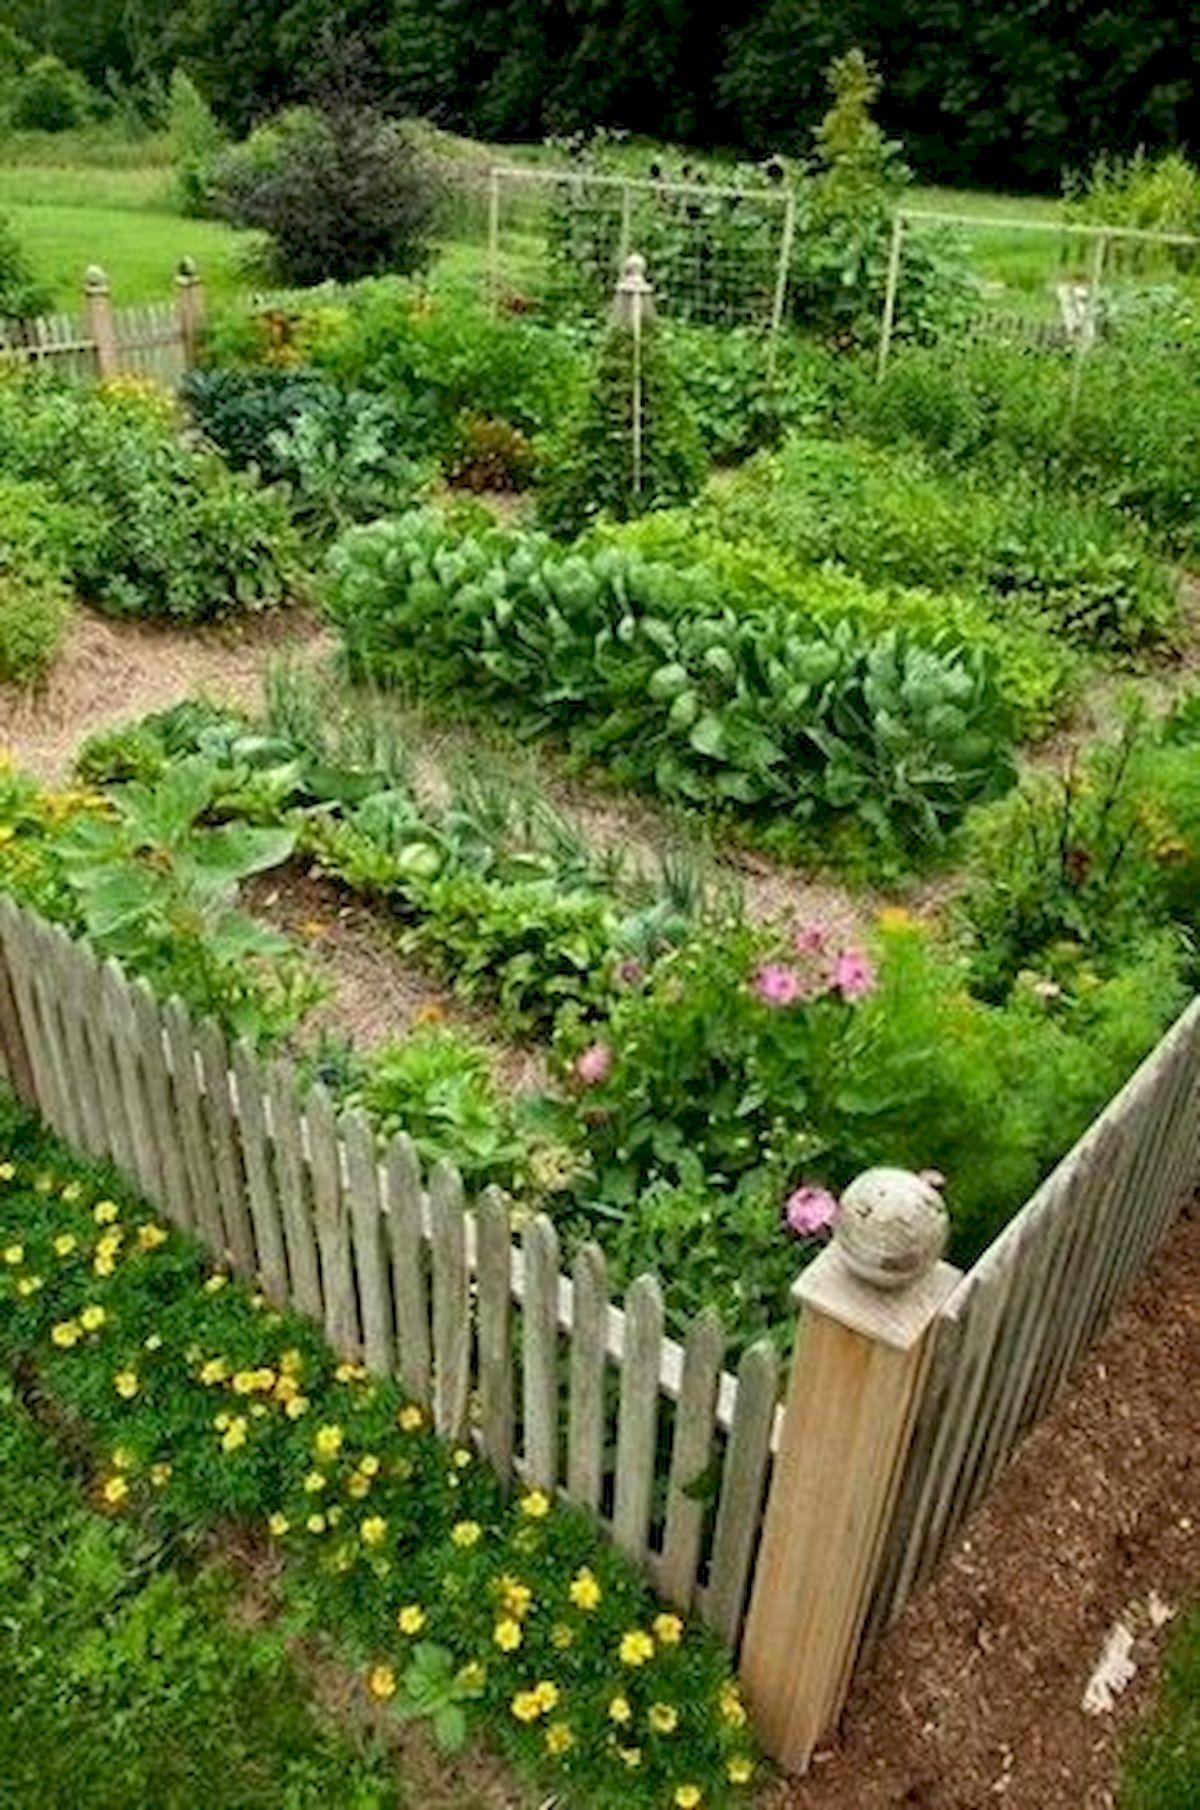 50 Inspiring Small Vegetable Garden Ideas (27)